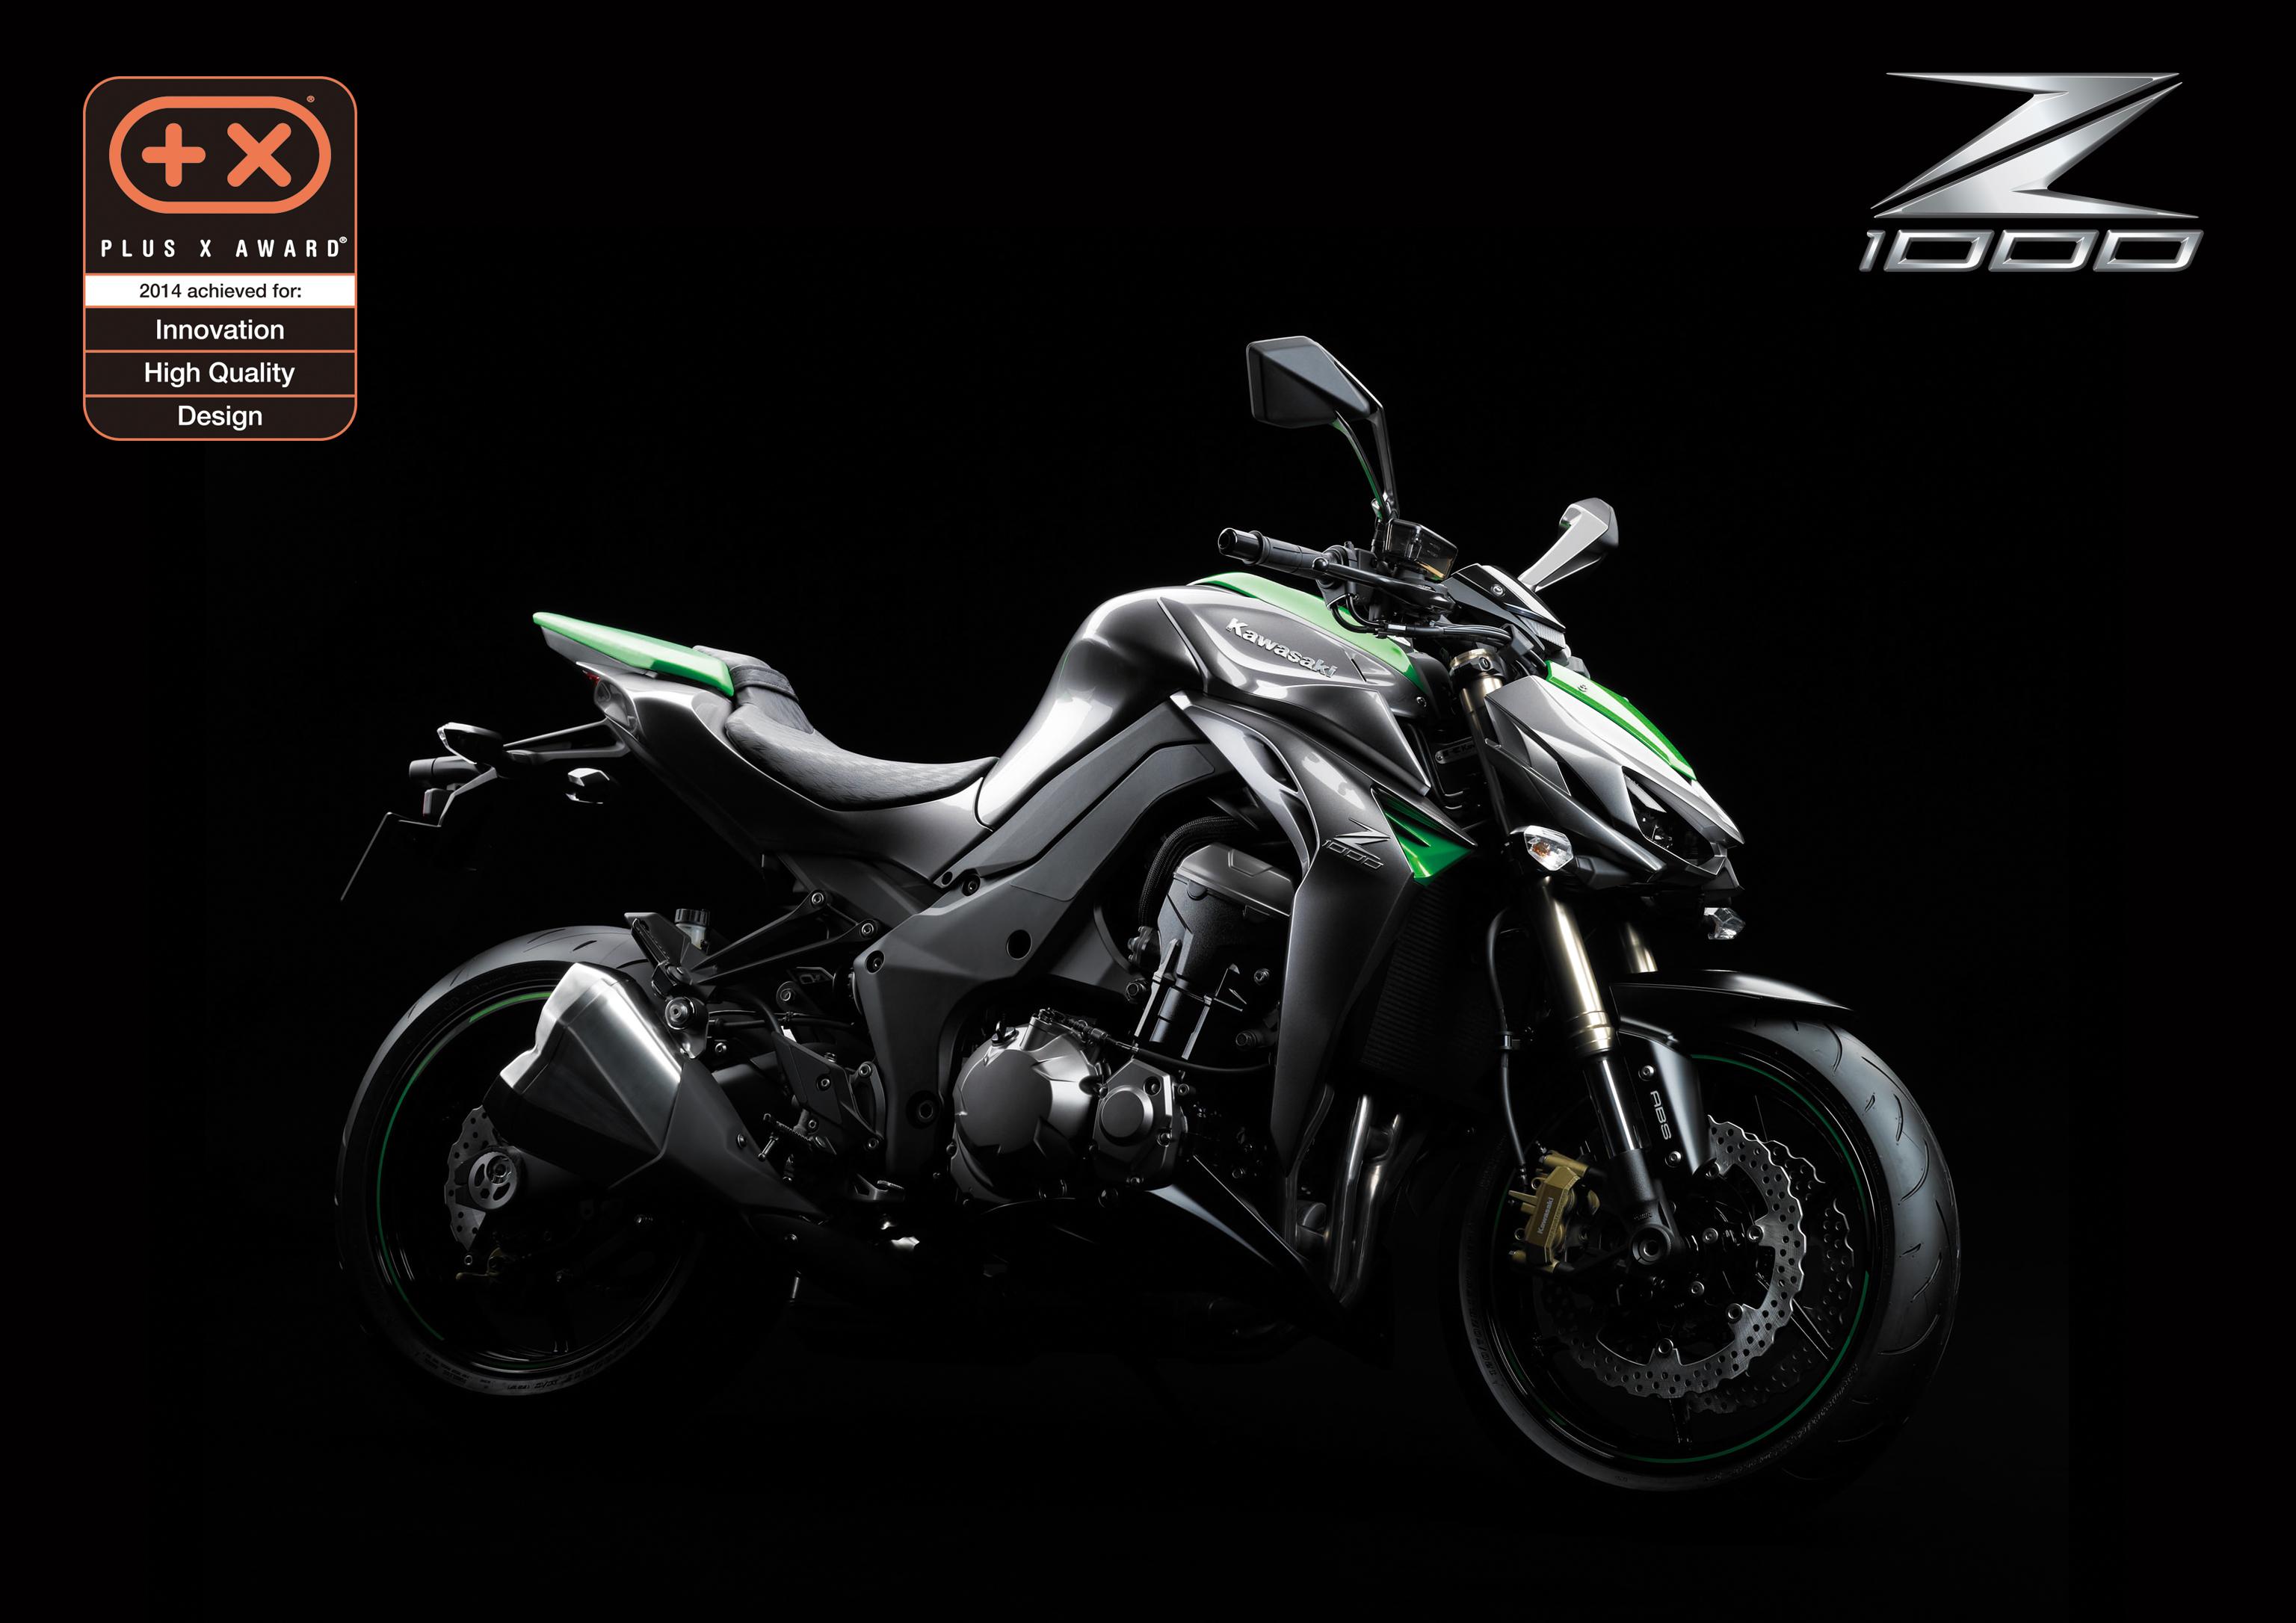 Nuova Kawasaki Z1000 premiata ai Plus X Award